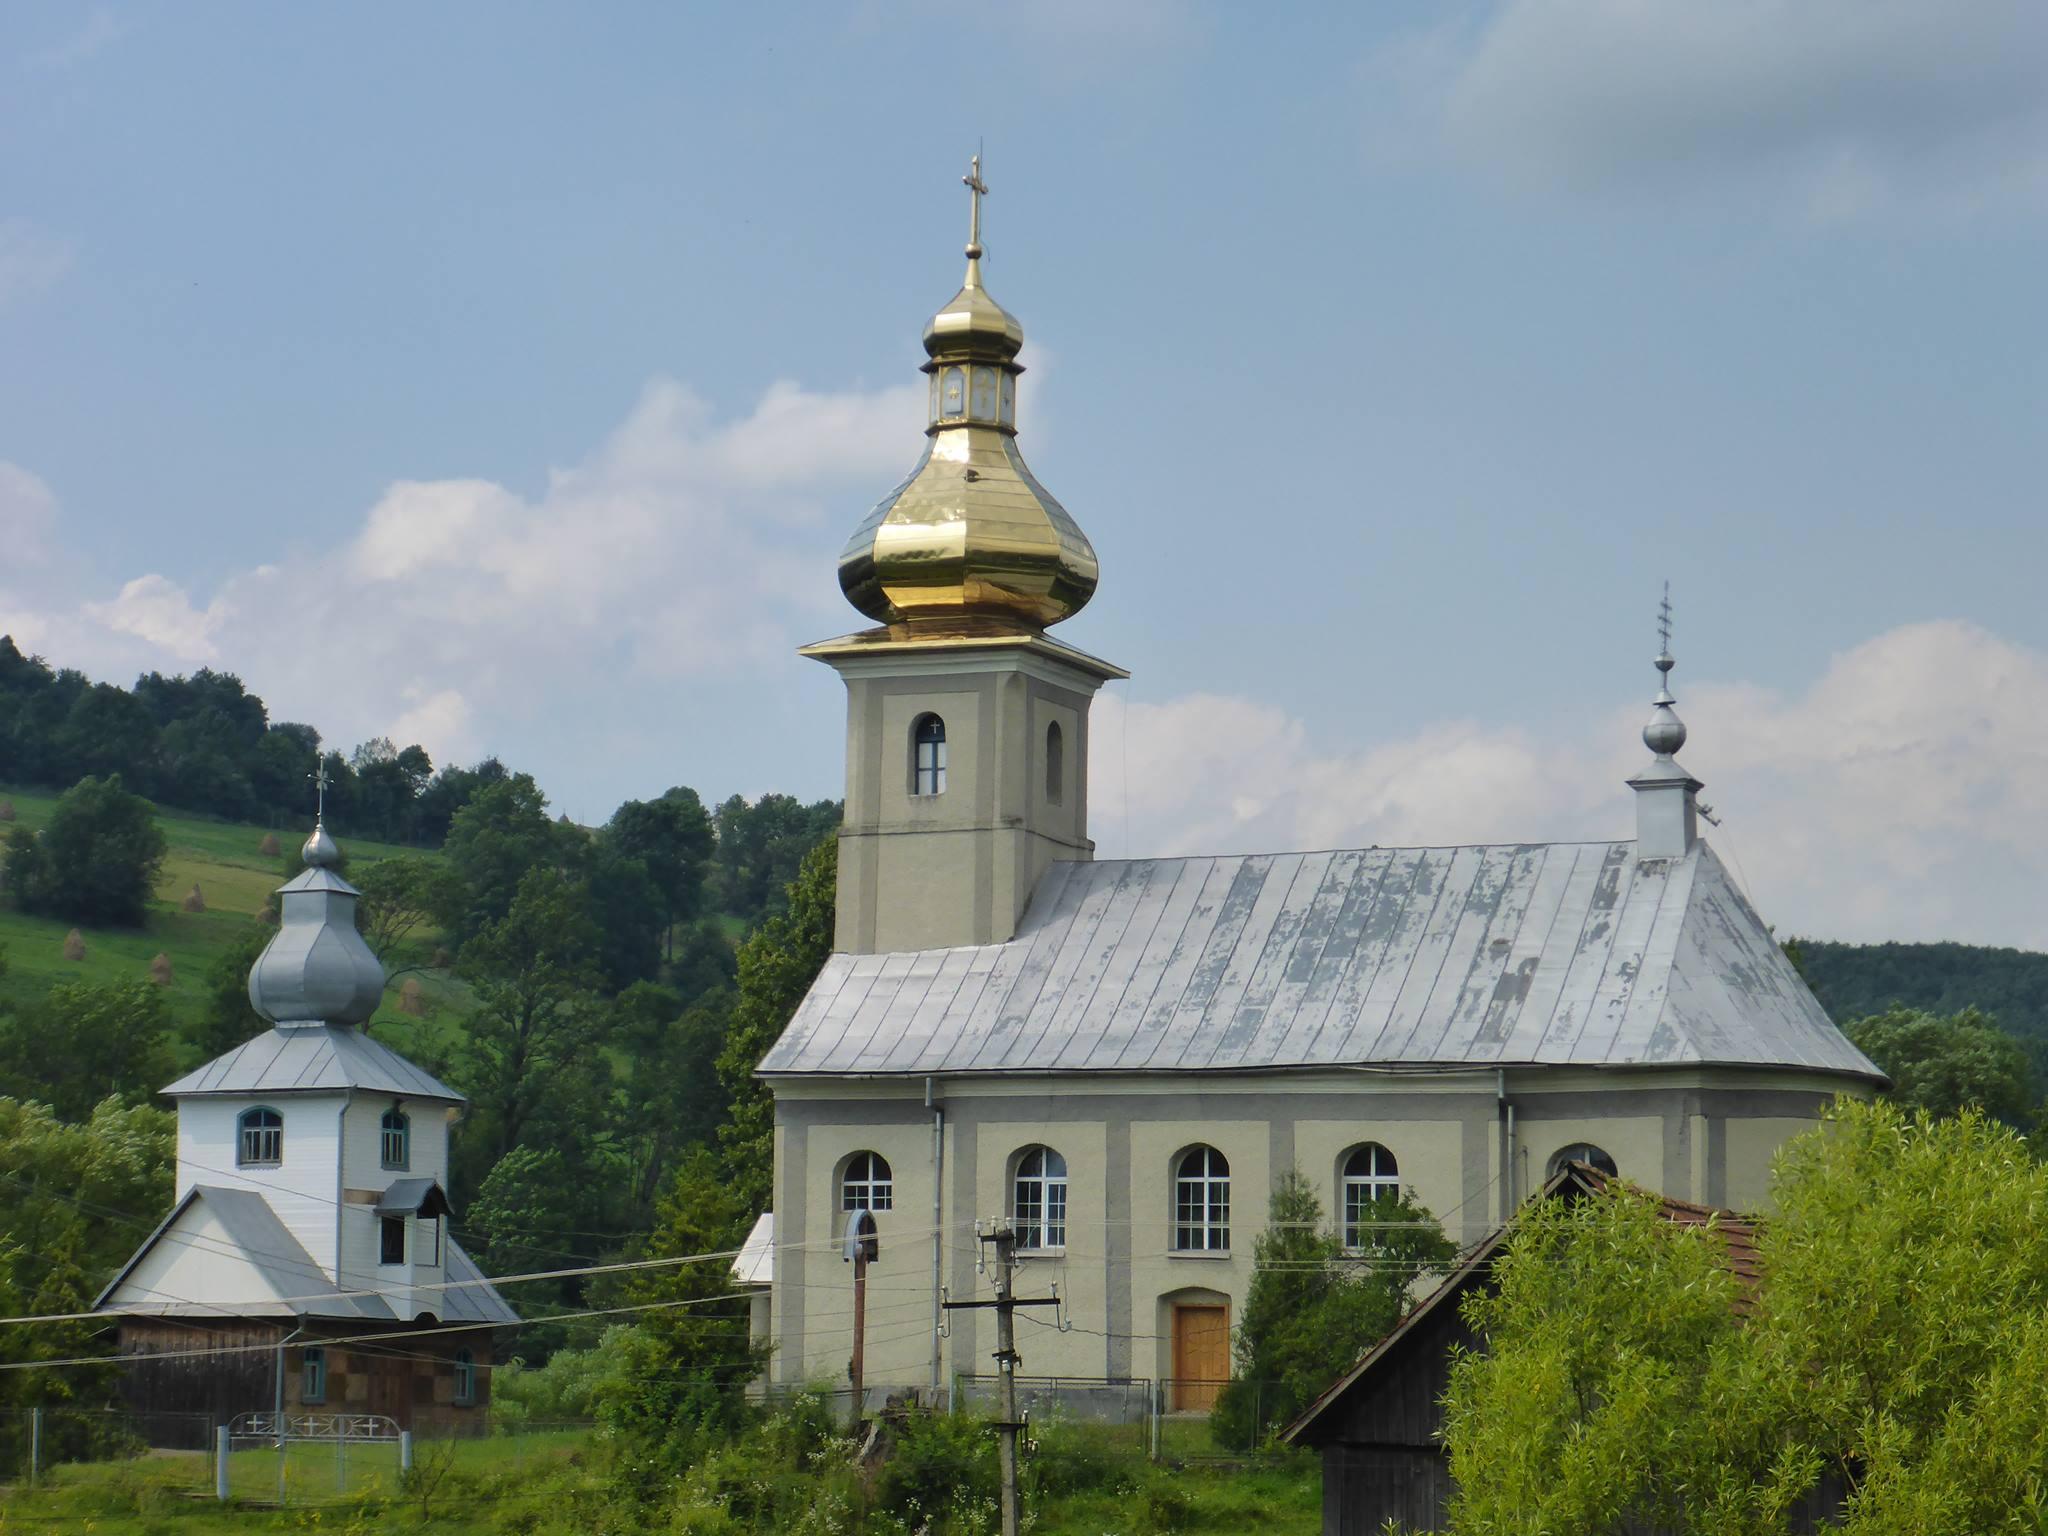 Les églises se repèrent de très loin à cause de leurs sommets brillants